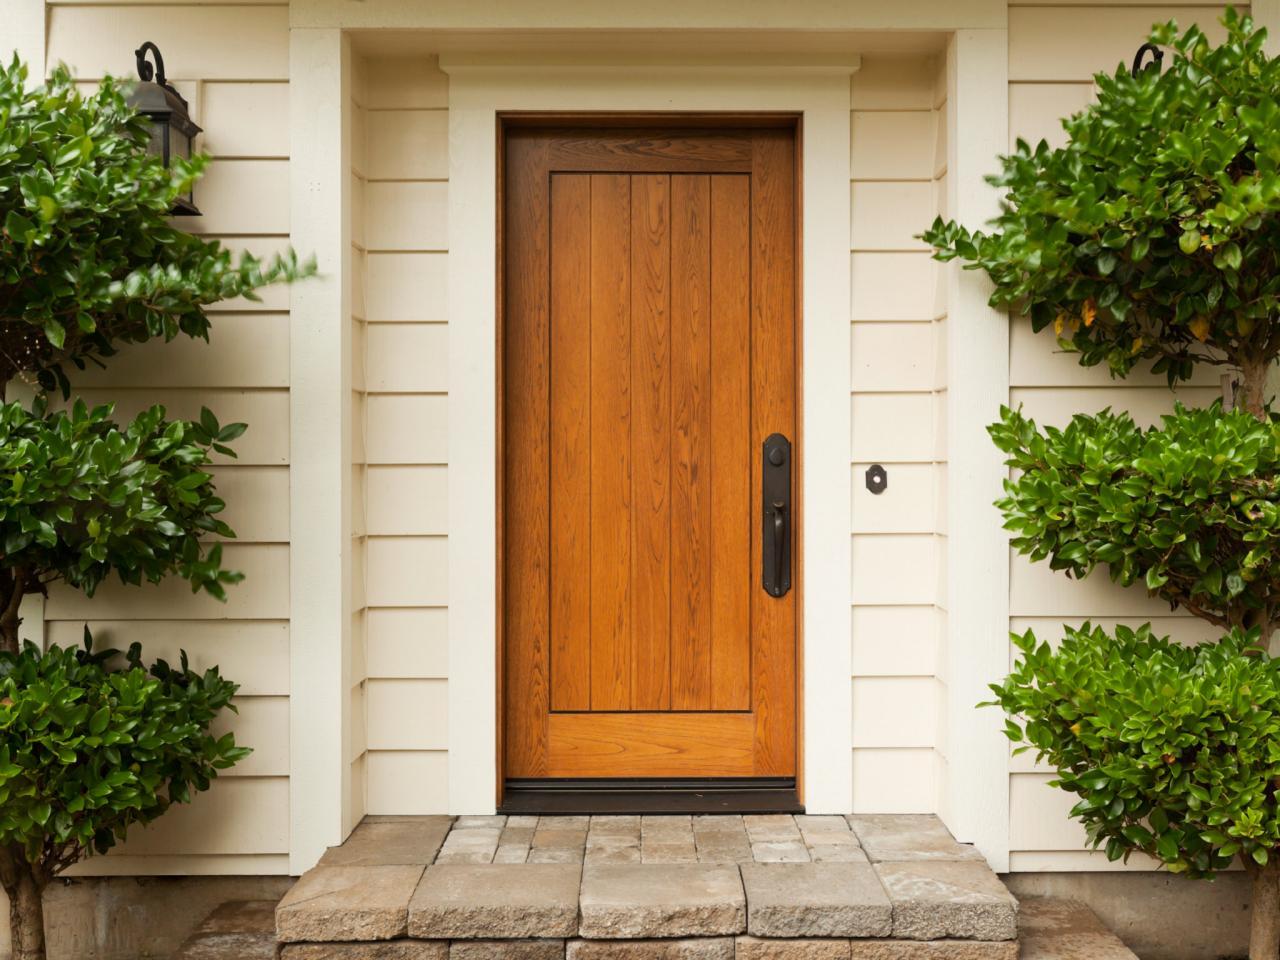 front doors related to: doors front ... IQGENUL